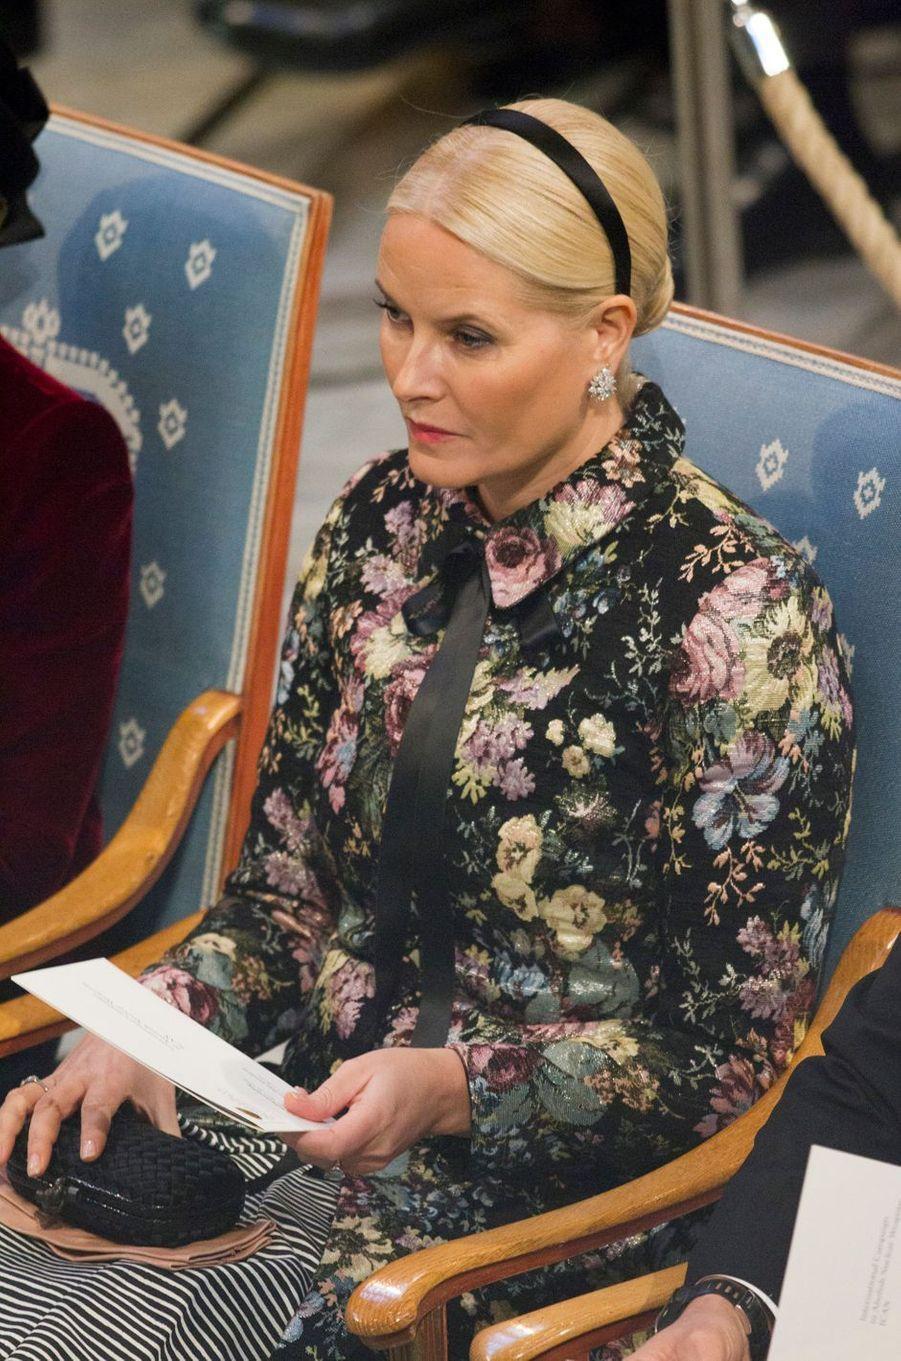 La princesse Mette-Marit de Norvège à Oslo, le 10 décembre 2017